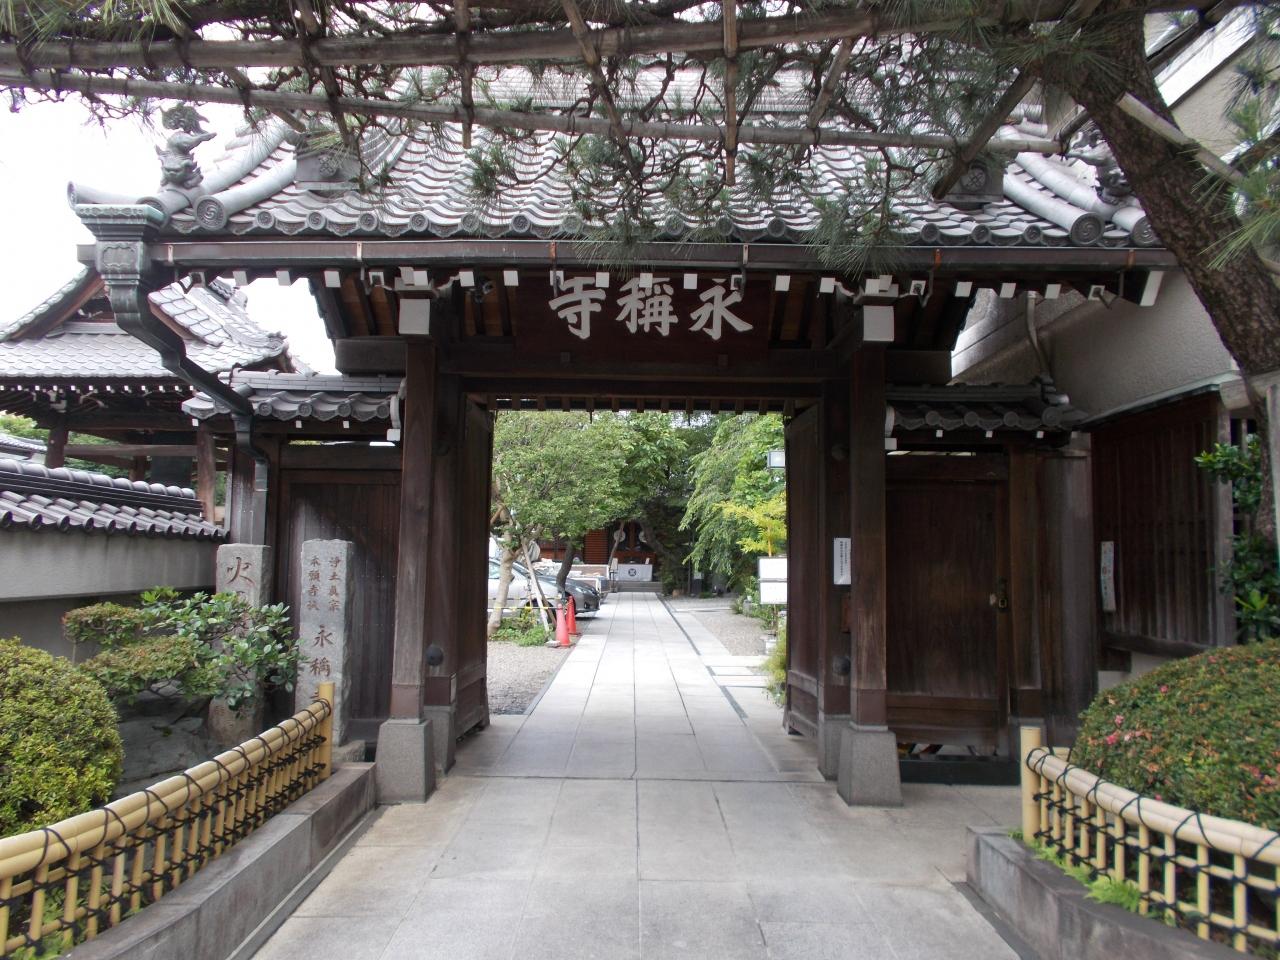 鶯谷の根岸にある永稱寺は、浄土真宗本願寺派の寺院で、山号を長久山と号します。